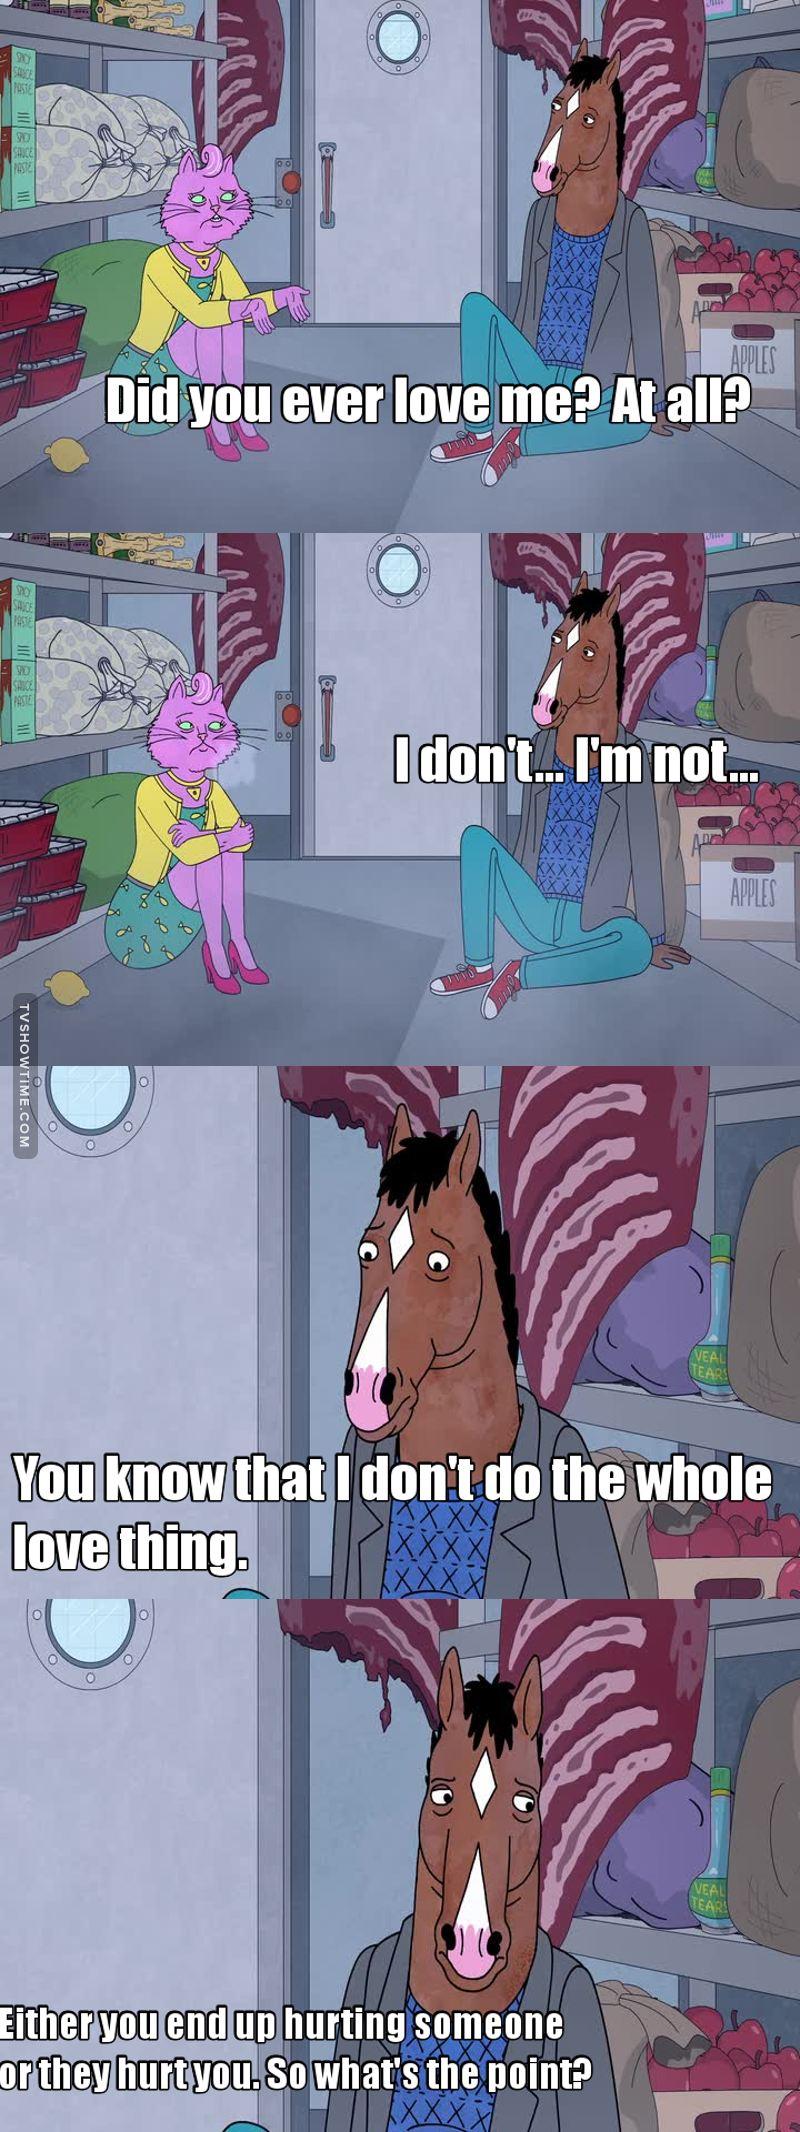 bojack horseman episode 12 ending relationship